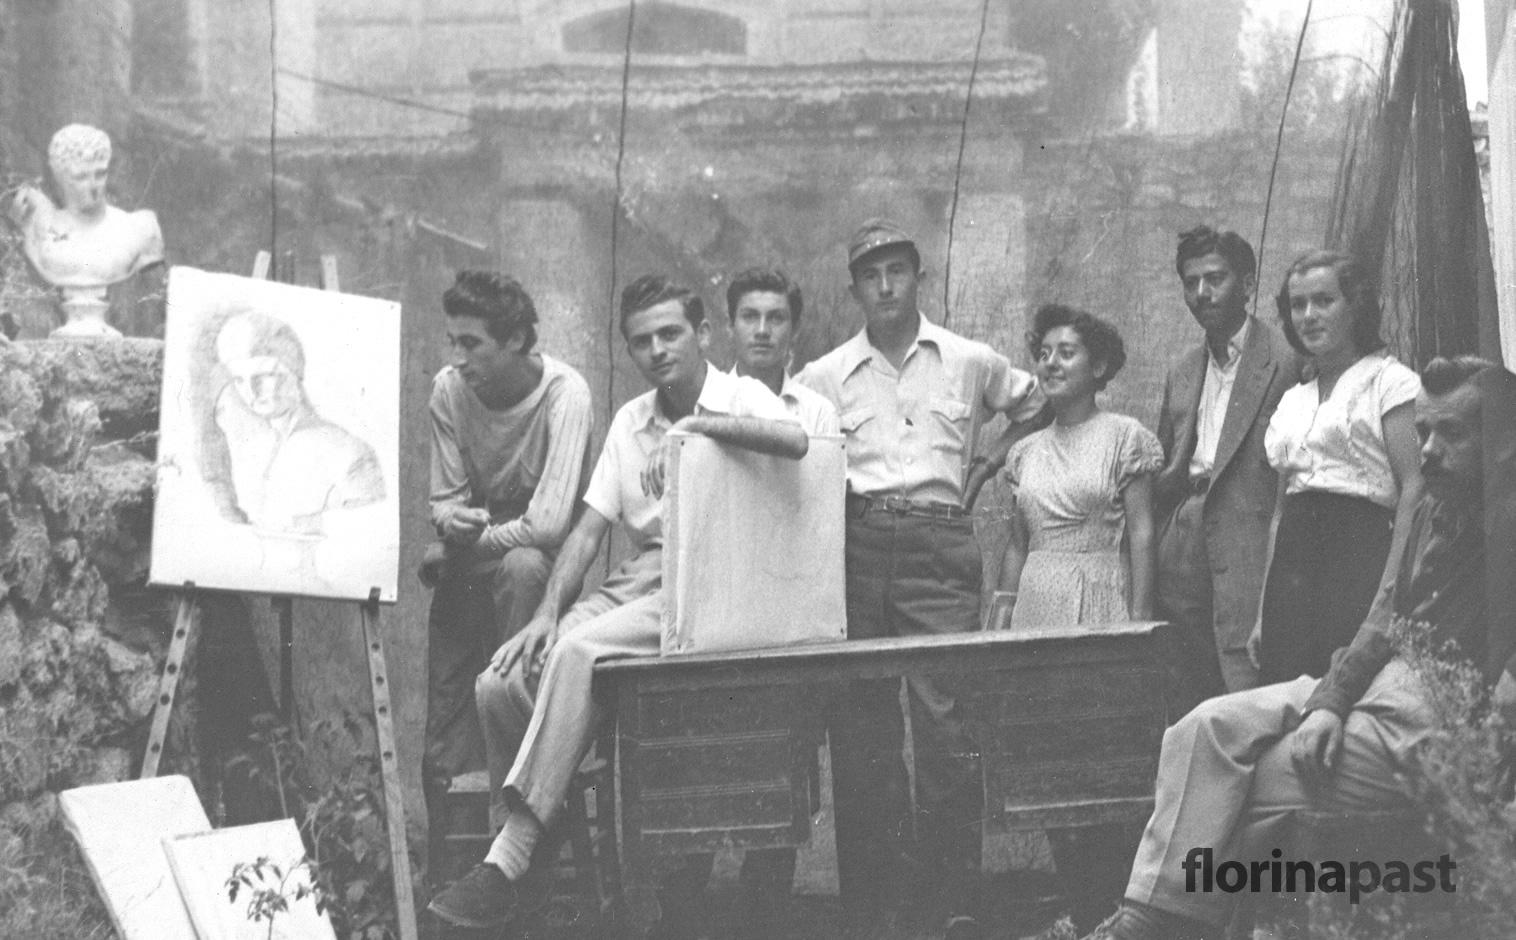 omilos kalwn texnwn aristoteli 1953 august